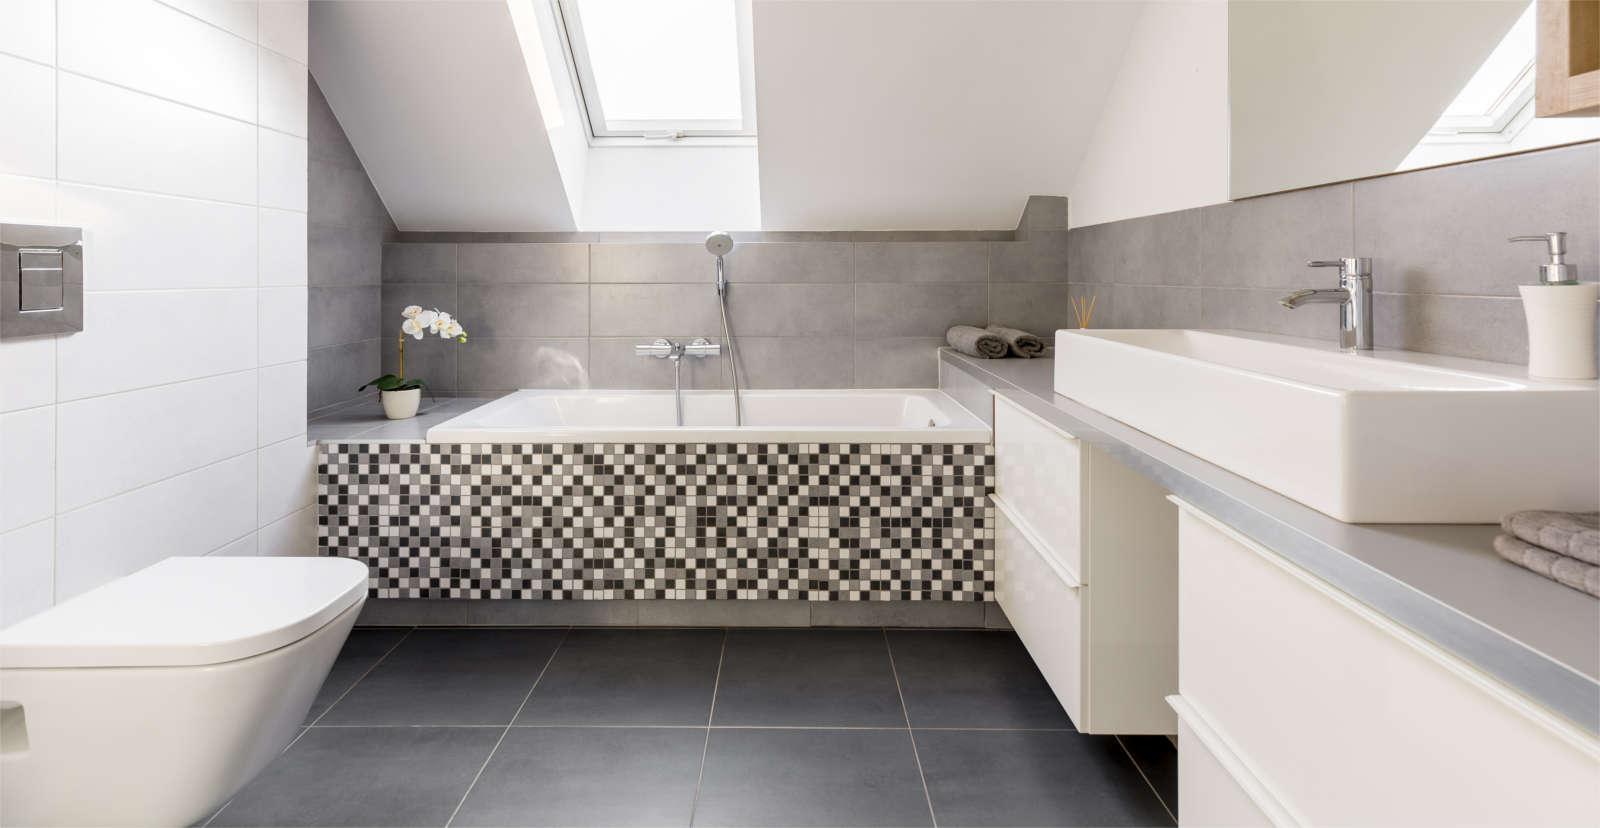 Regionale Angebote für Badezimmer kostenlos erhalten ...